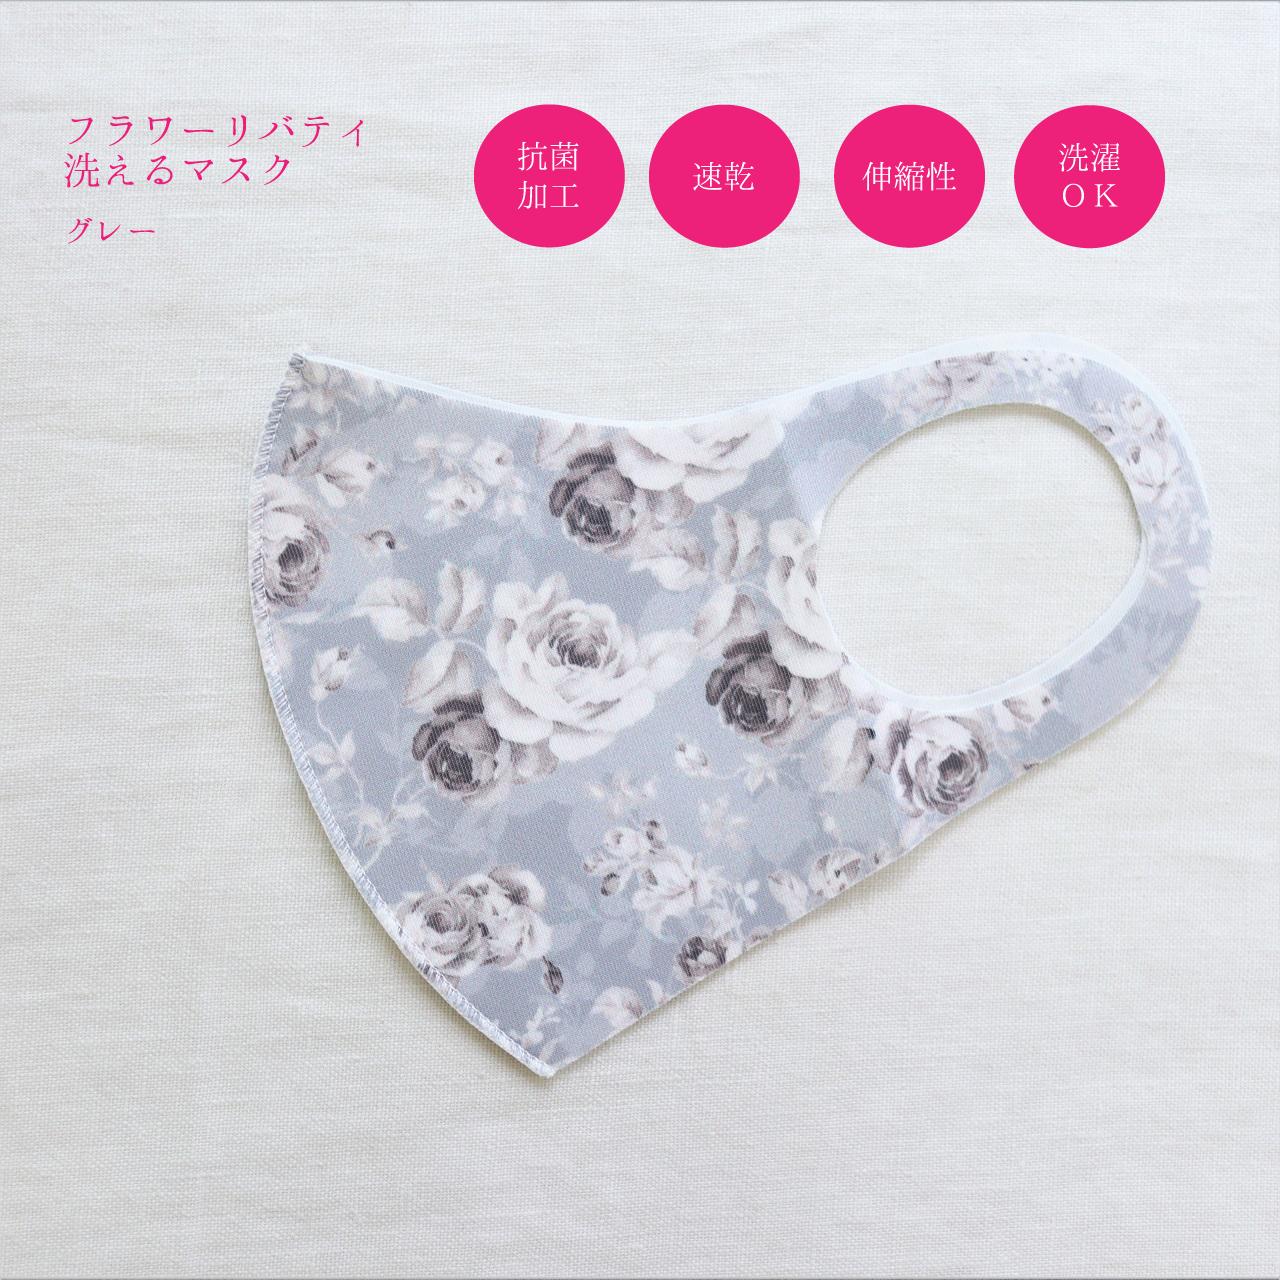 【マスク】洗えるフィットマスク フラワーリバティ グレー